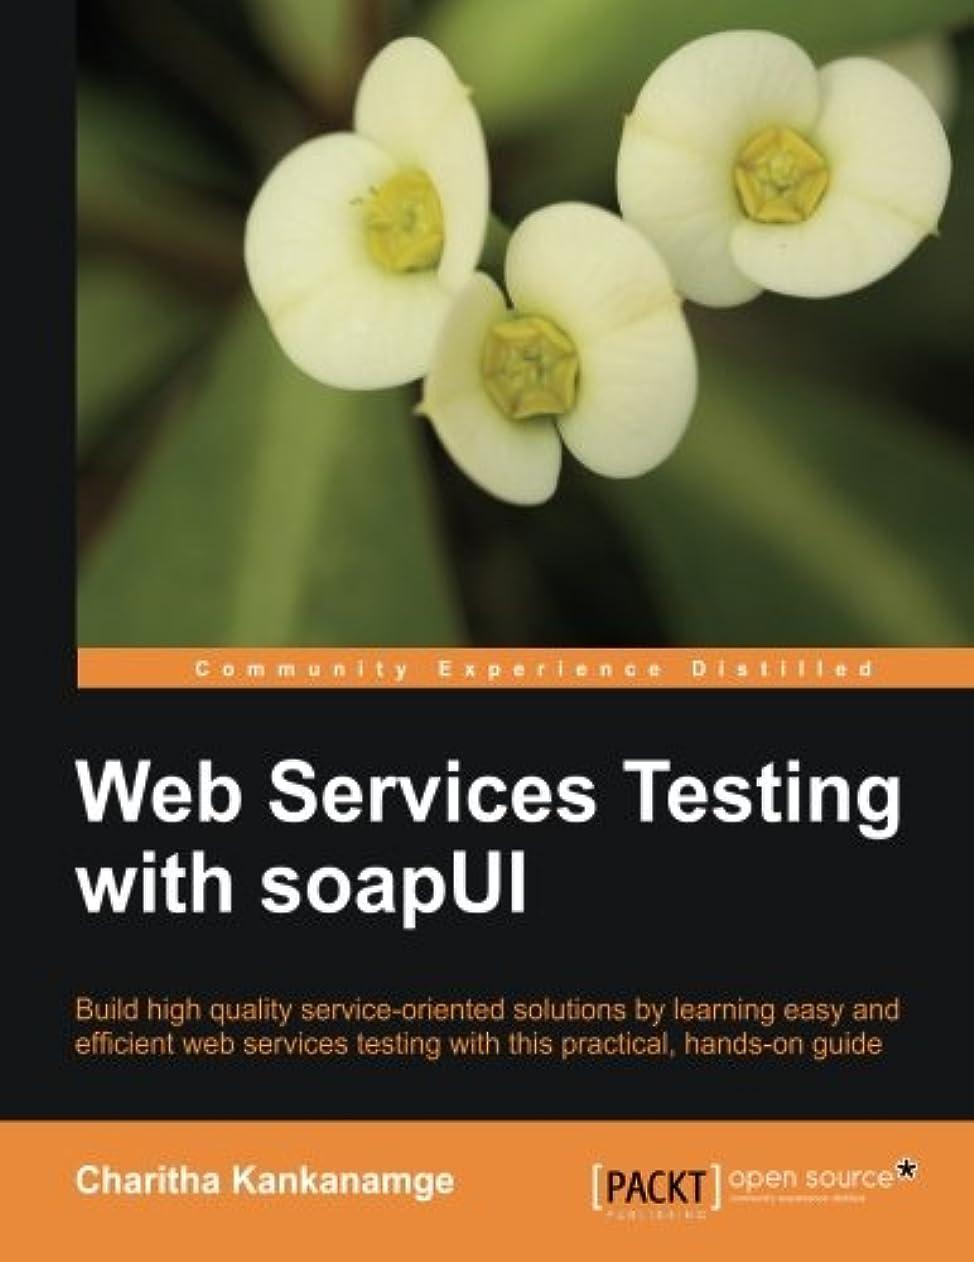 モンスター腰フェードWeb Services Testing with SoapUI: Build High Quality Serivce-oriented Solutions by Learning Easy and Efficient Web Services Testing With This Practical, Hands-on Guide